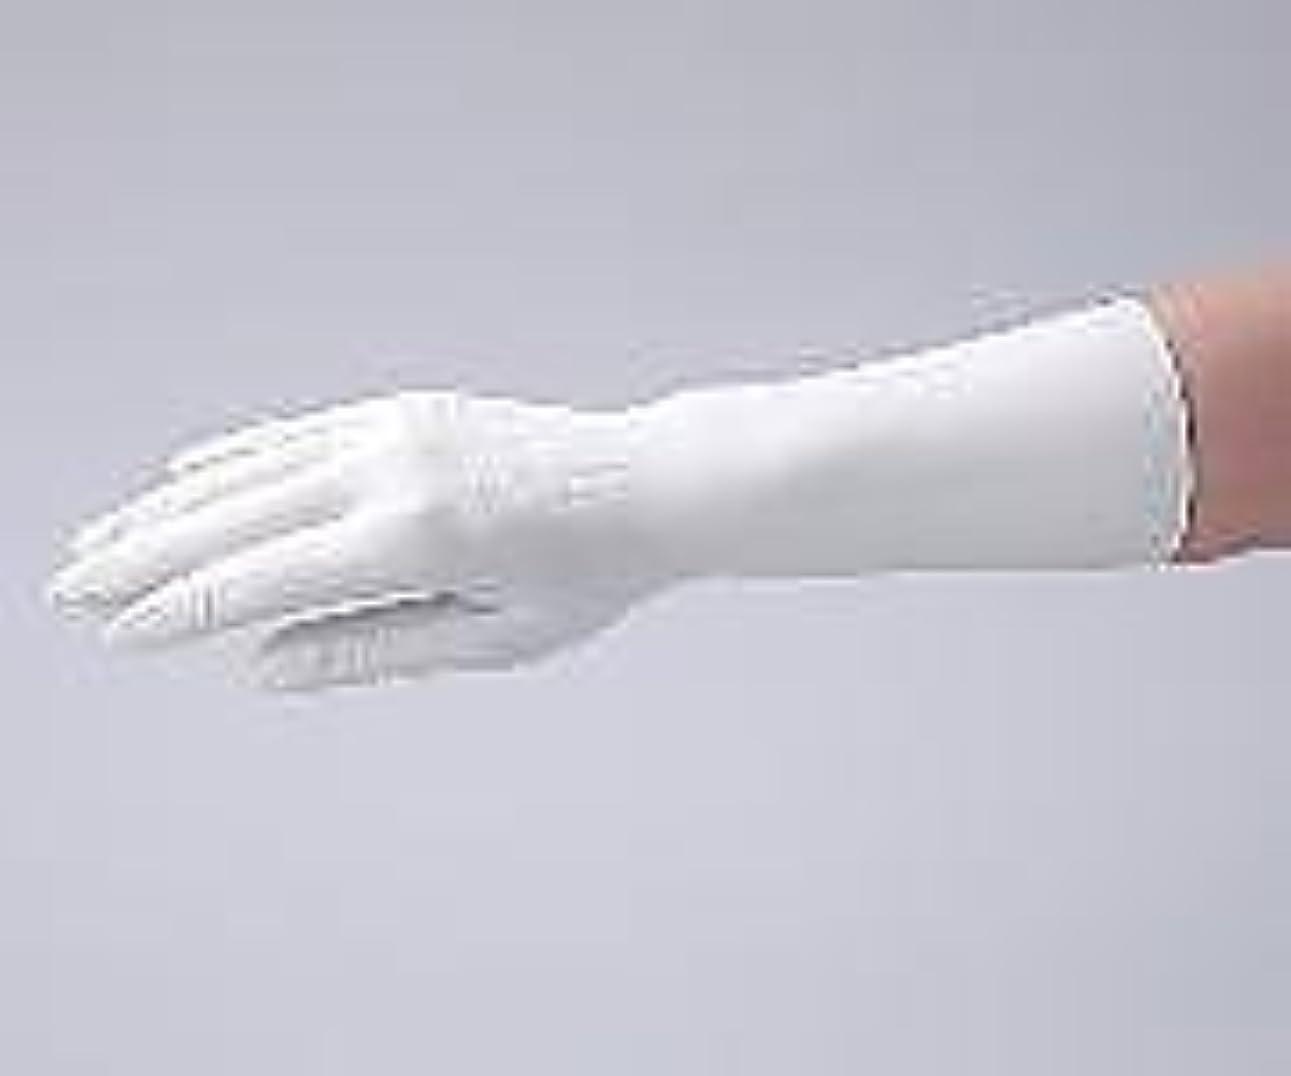 唯一まもなくエッセイアズピュア(アズワン)1-2323-52アズピュアクリーンノールニトリル手袋(ペアタイプ)S左右各100枚×5袋入